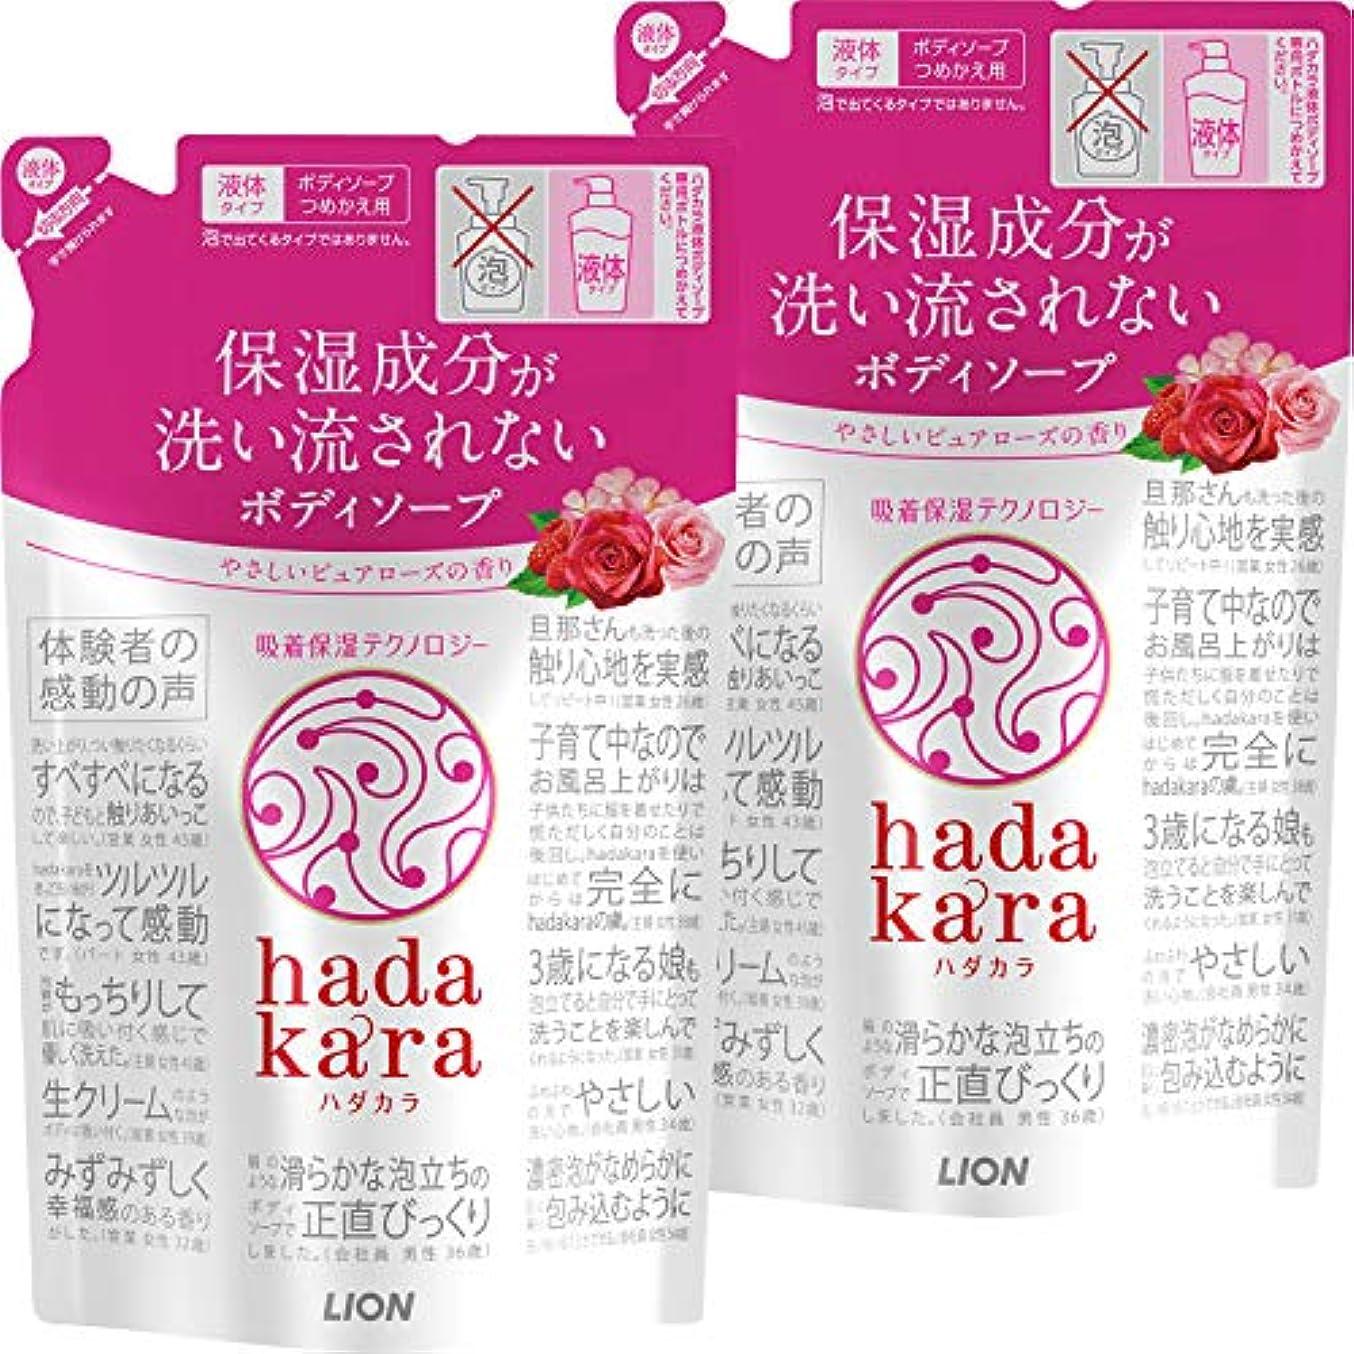 ファン計画速度【まとめ買い】hadakara(ハダカラ) ボディソープ ピュアローズの香り 詰め替え 360ml×2個パック